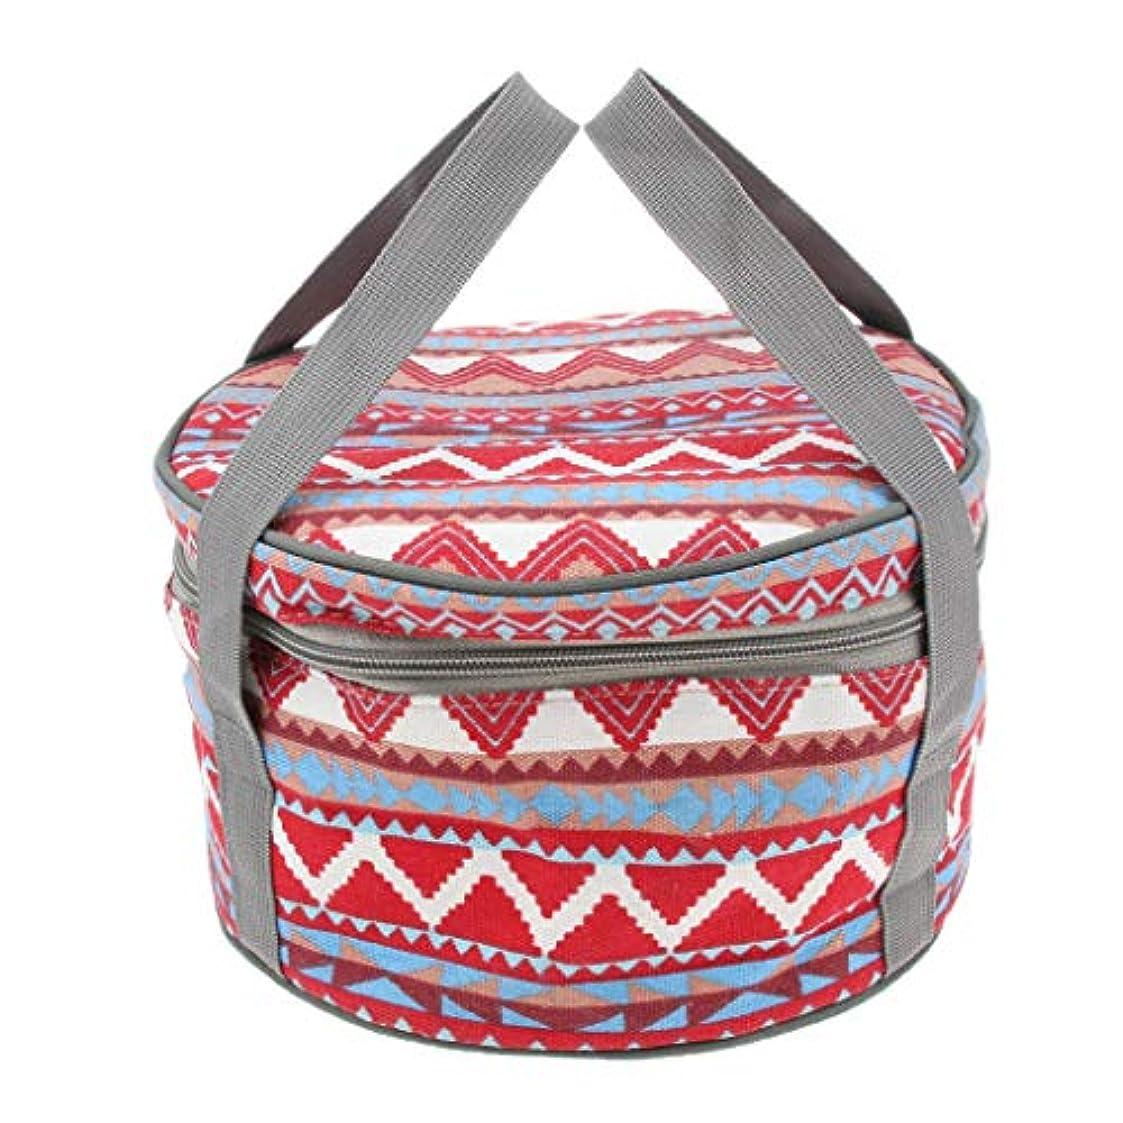 一時停止香ばしい崖Perfeclan 調理器具ホルダー 食器バッグ 収納バッグ ハンドバッグ